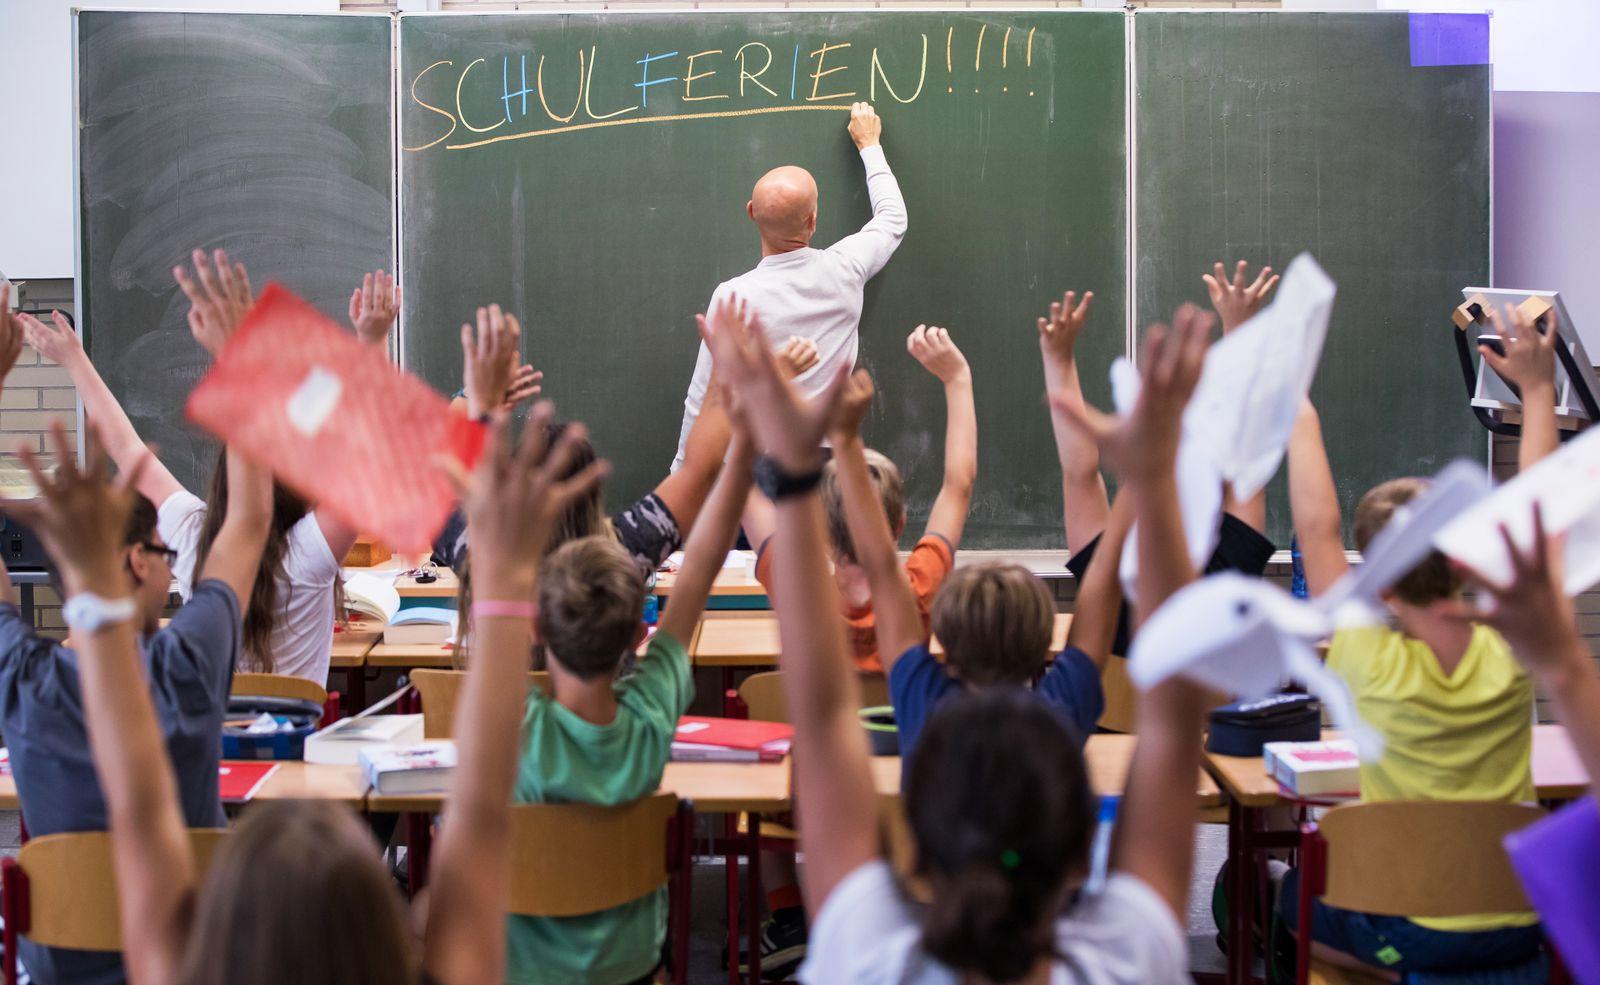 Lehrer / Schule / Ferien